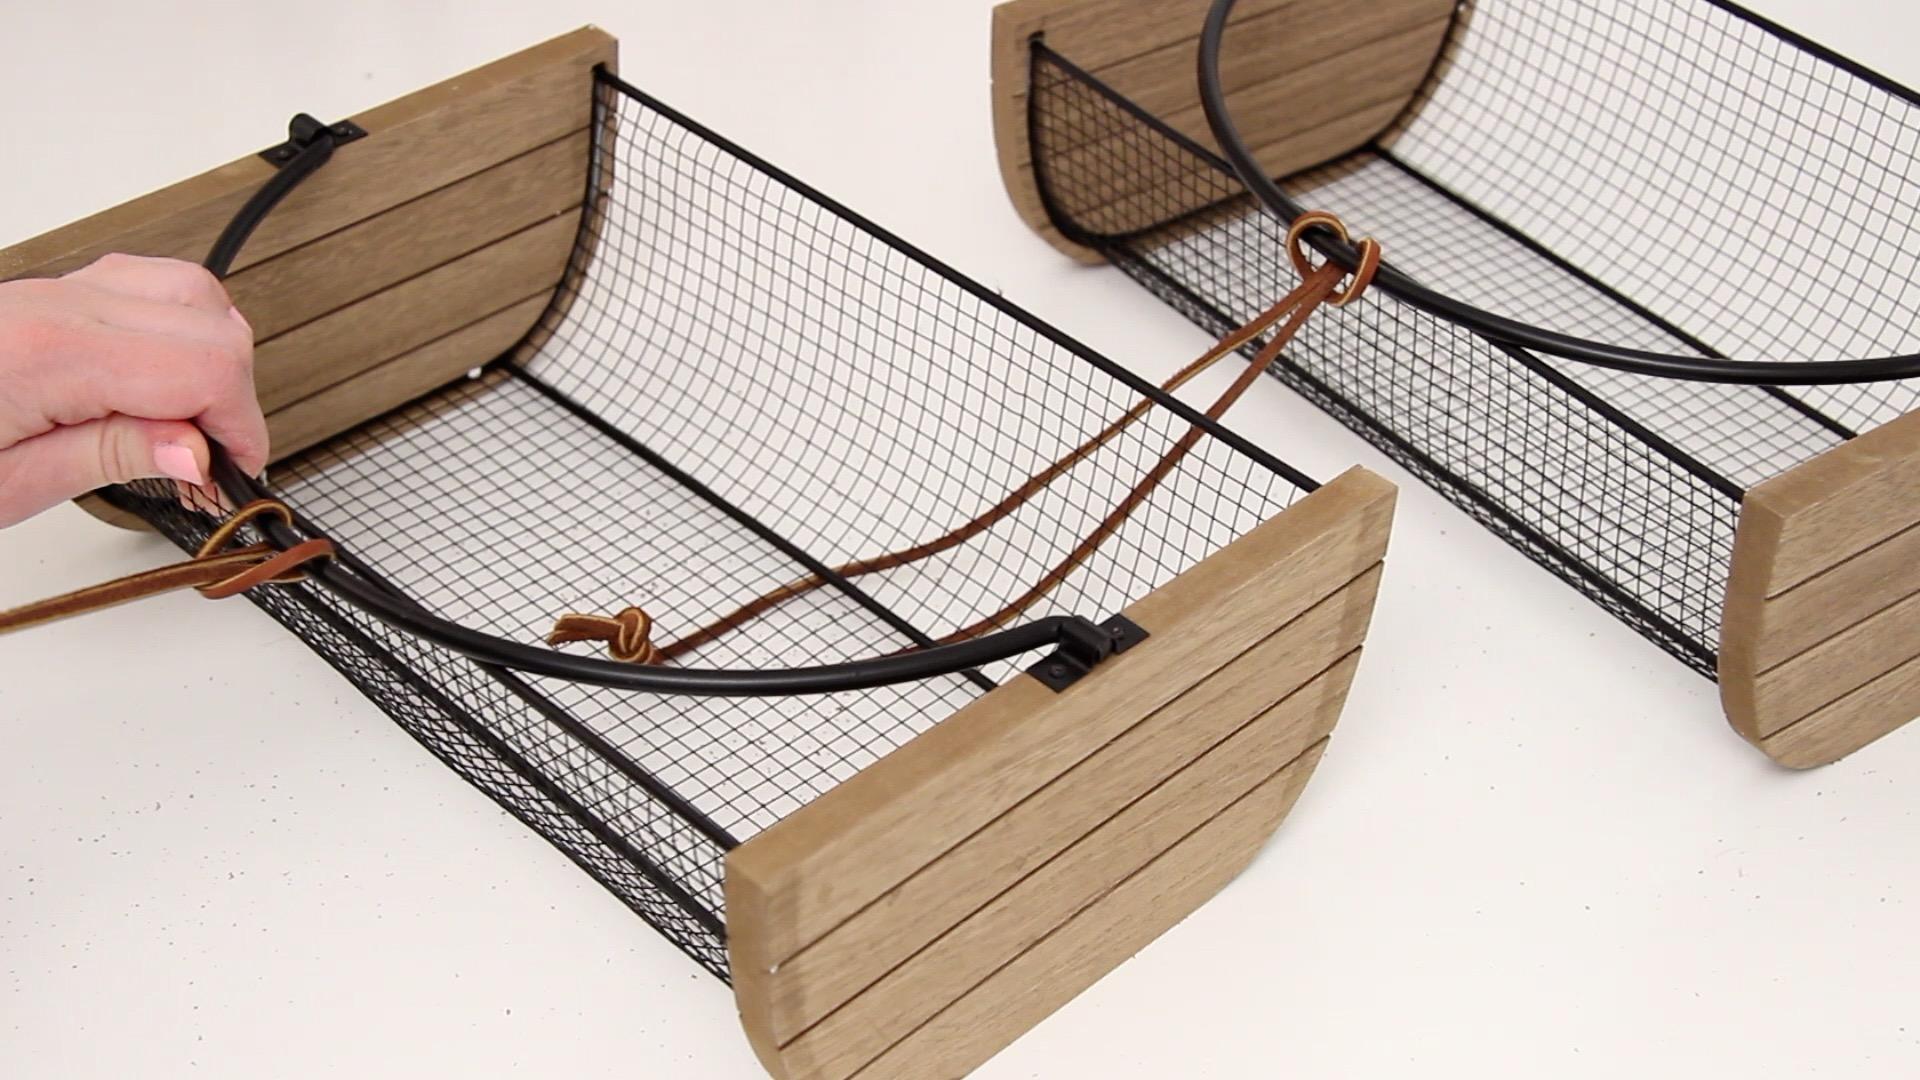 DIY Tiered Hanging Fruit Basket